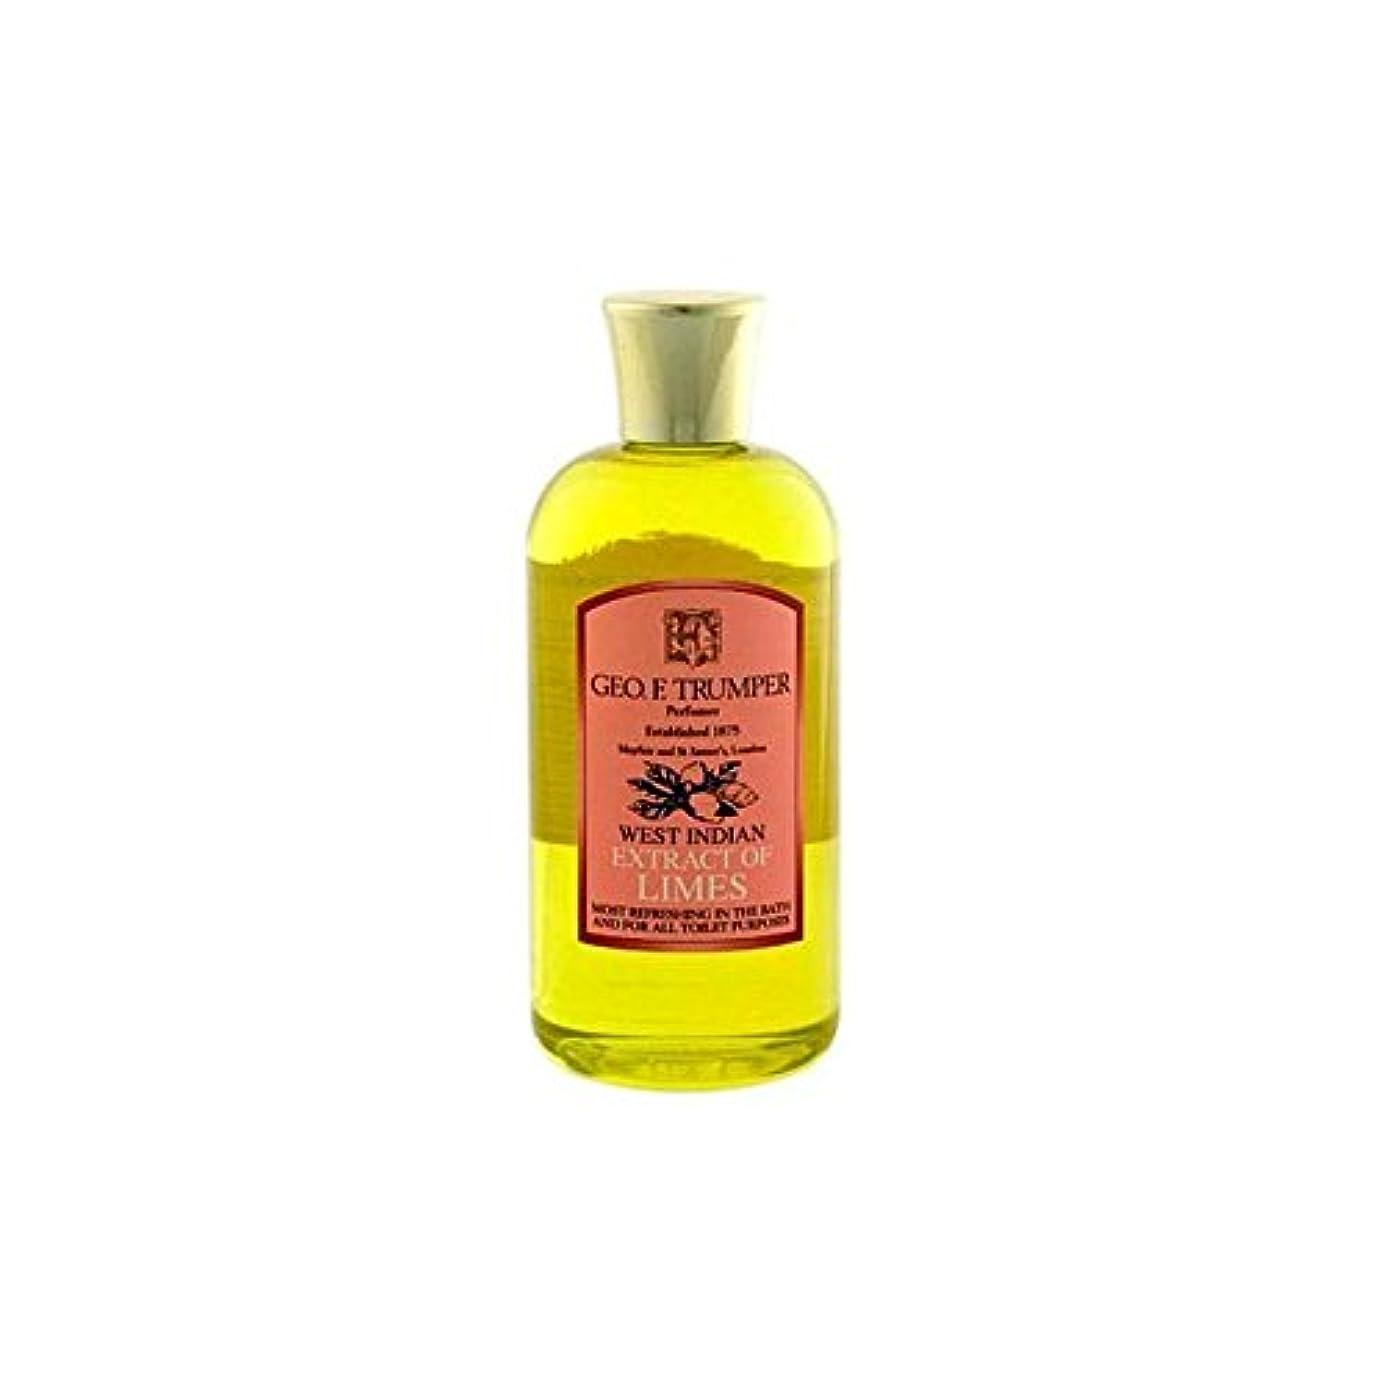 委任スケジュール廃棄Trumpers Extracts of Limes Bath and Shower Gel 200ml - ライムのバスタブとシャワージェル200の抽出物を [並行輸入品]